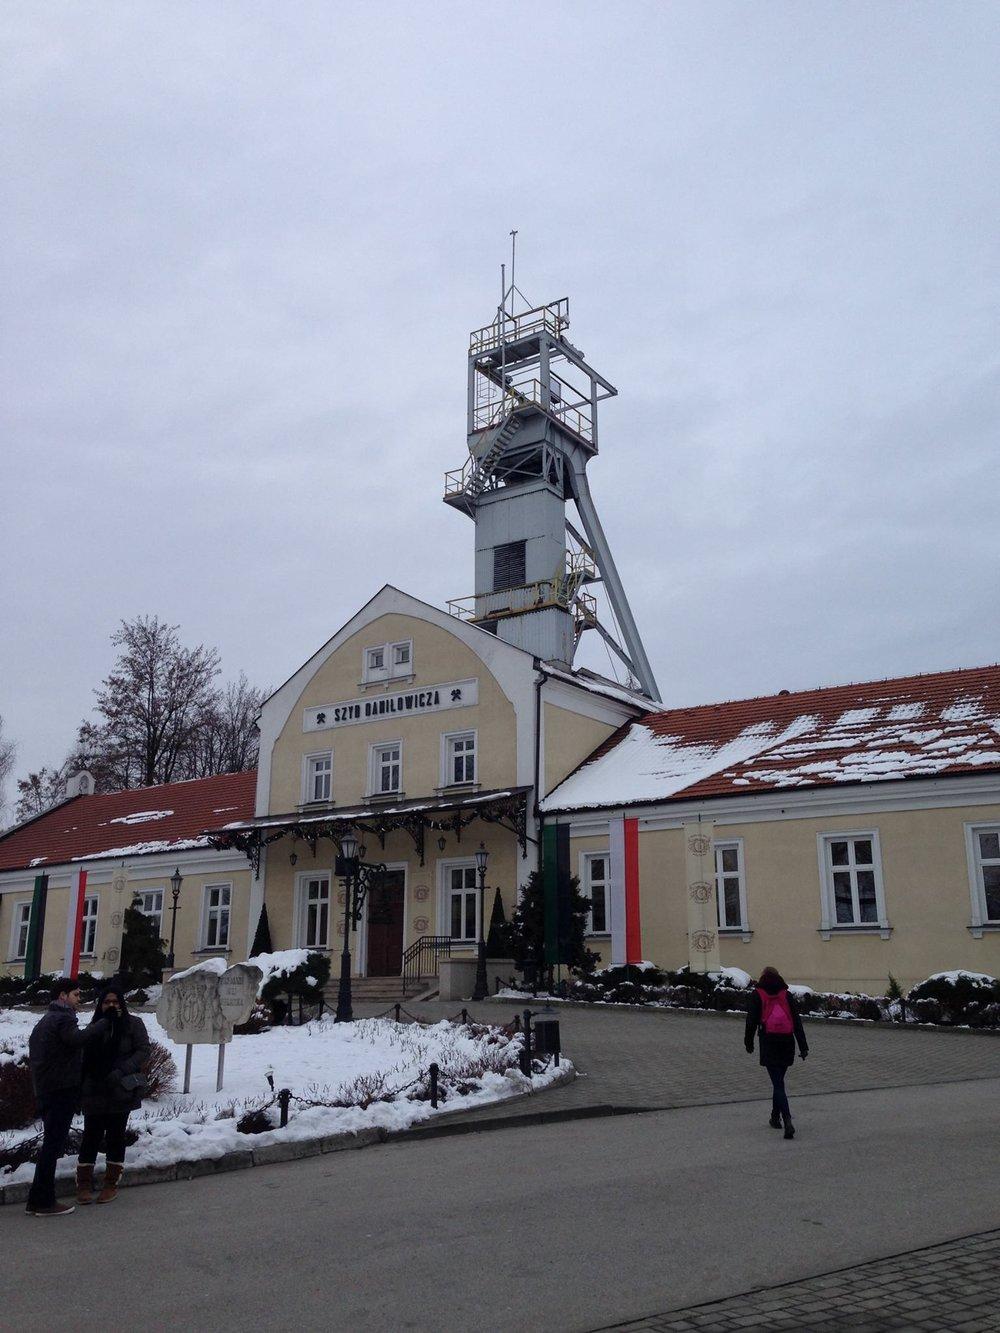 Wieliczka-Salt-Mine-Entrance-Krakow